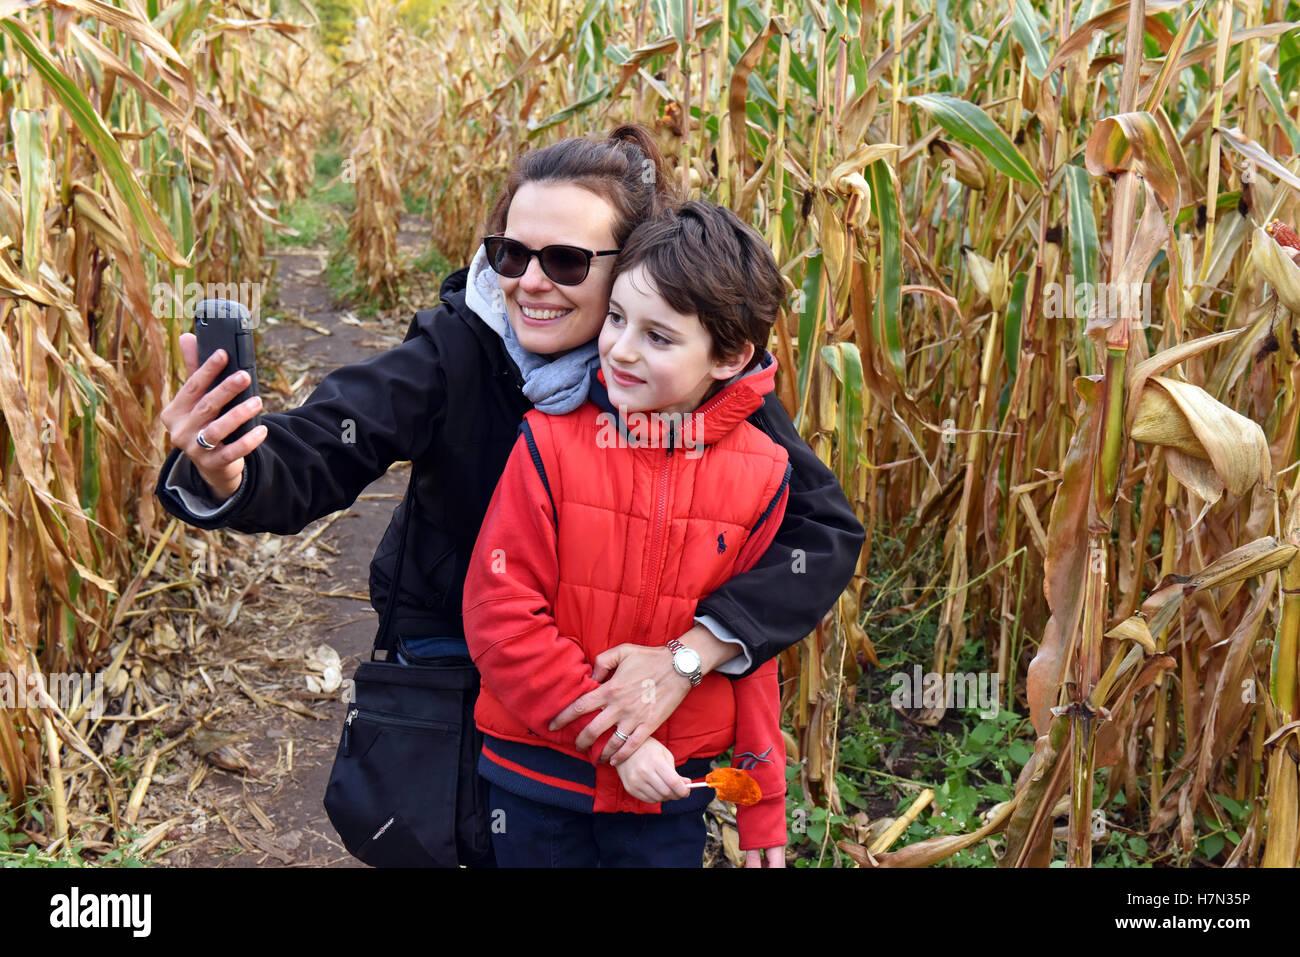 Madre e hijo teniendo sellfie con teléfono móvil Imagen De Stock